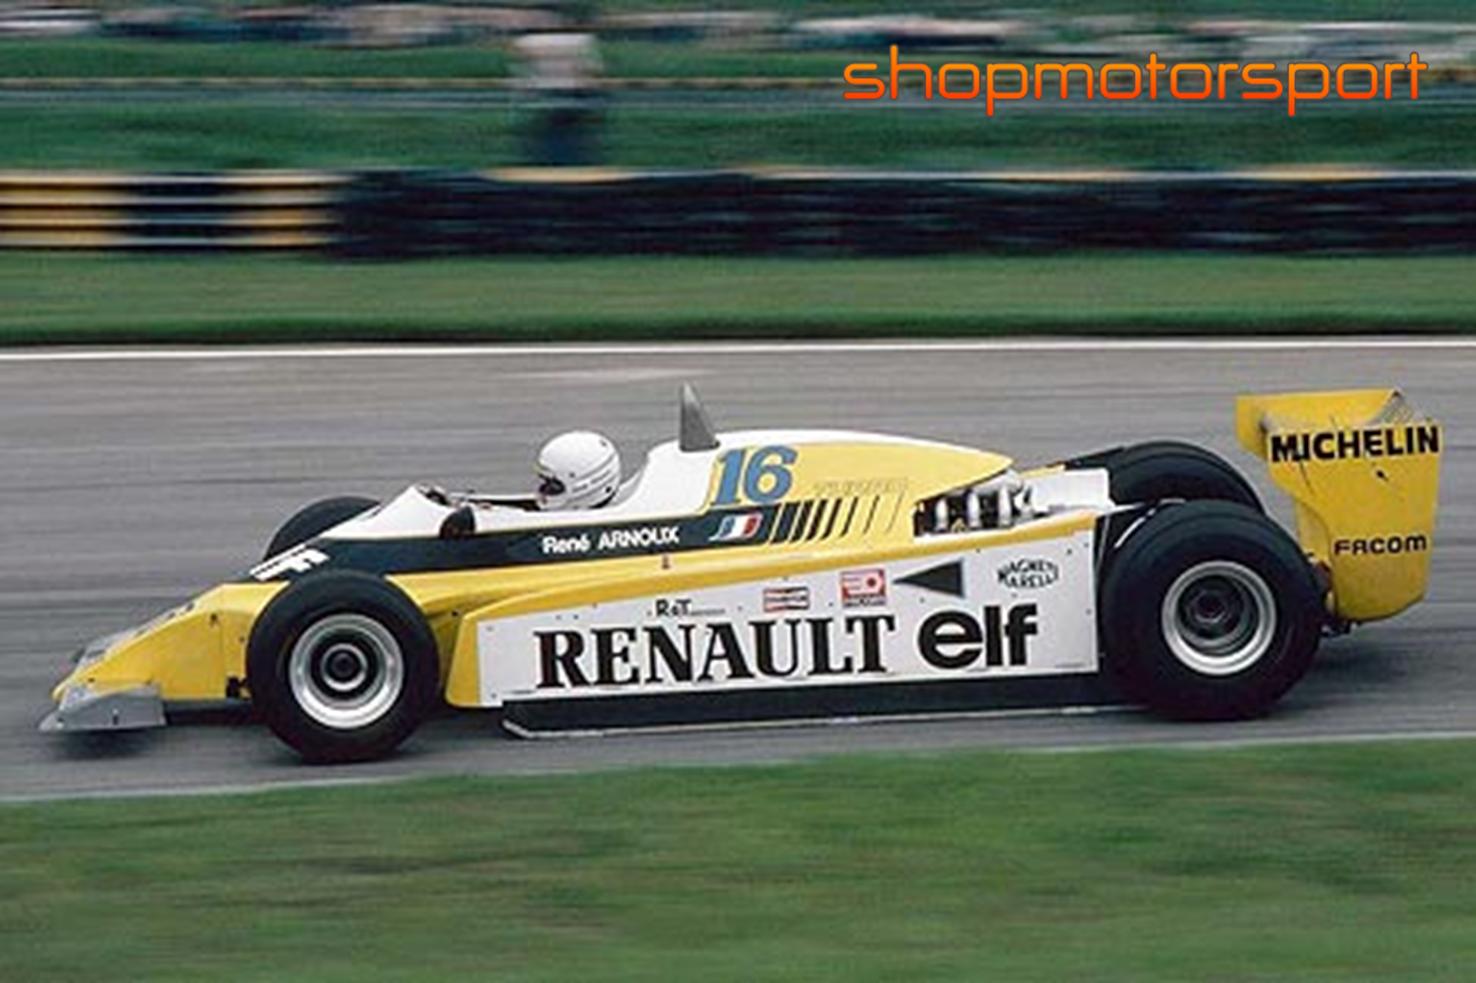 RENAULT RS10 F1 / SRC 02102 / RENE ARNOUX